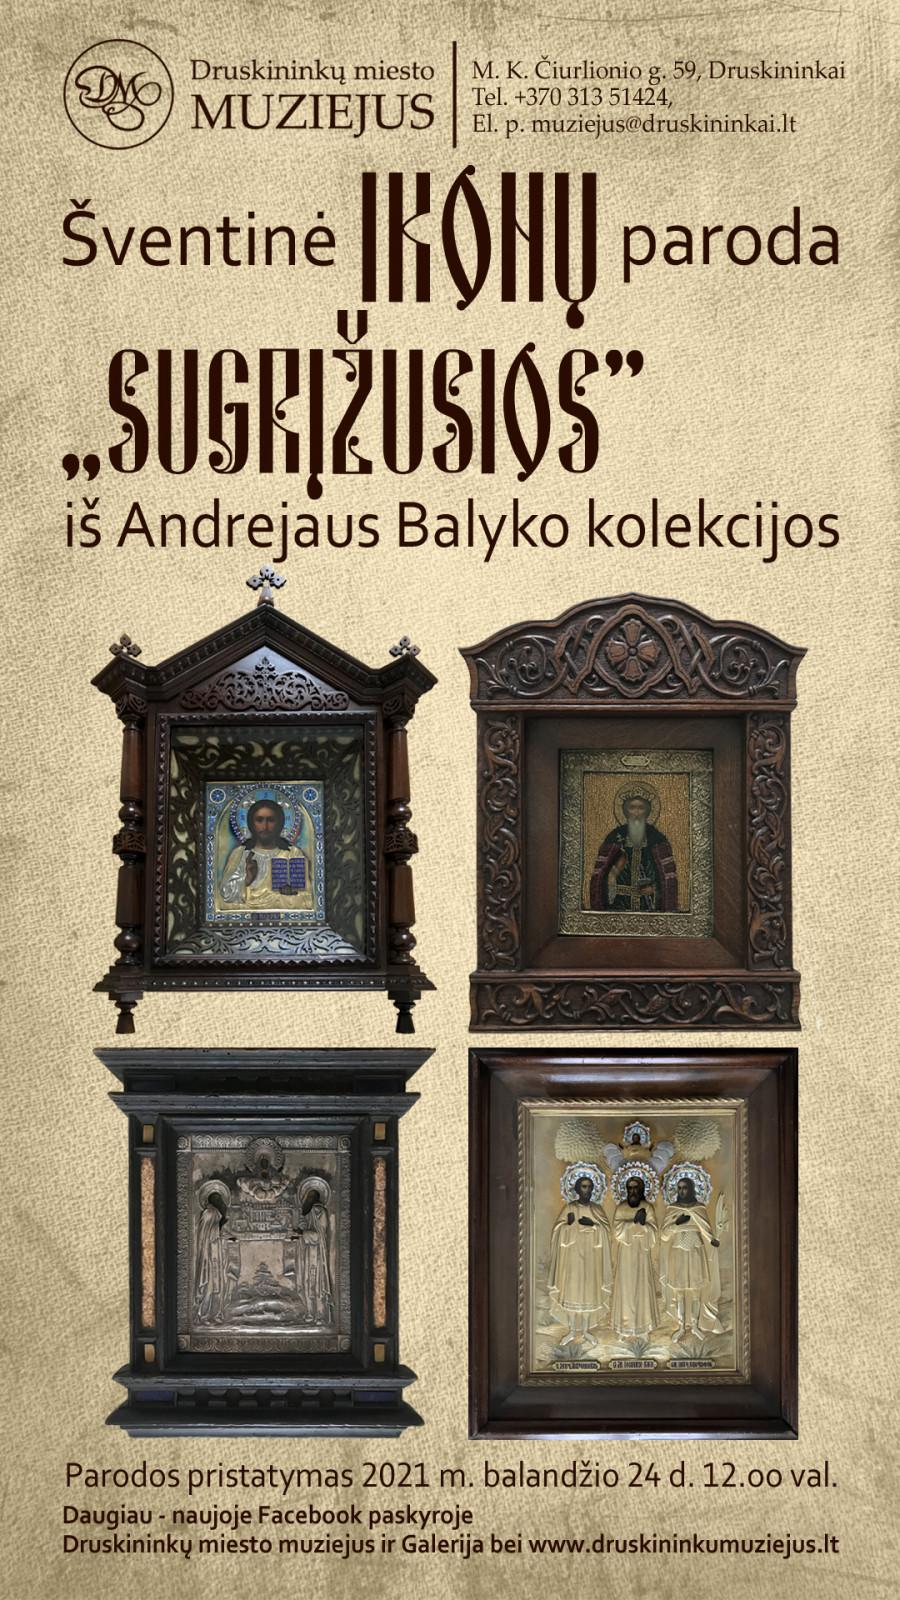 """Ikonų paroda """"Sugrįžusios"""" iš Andrėjaus Balykos kolekcijos"""